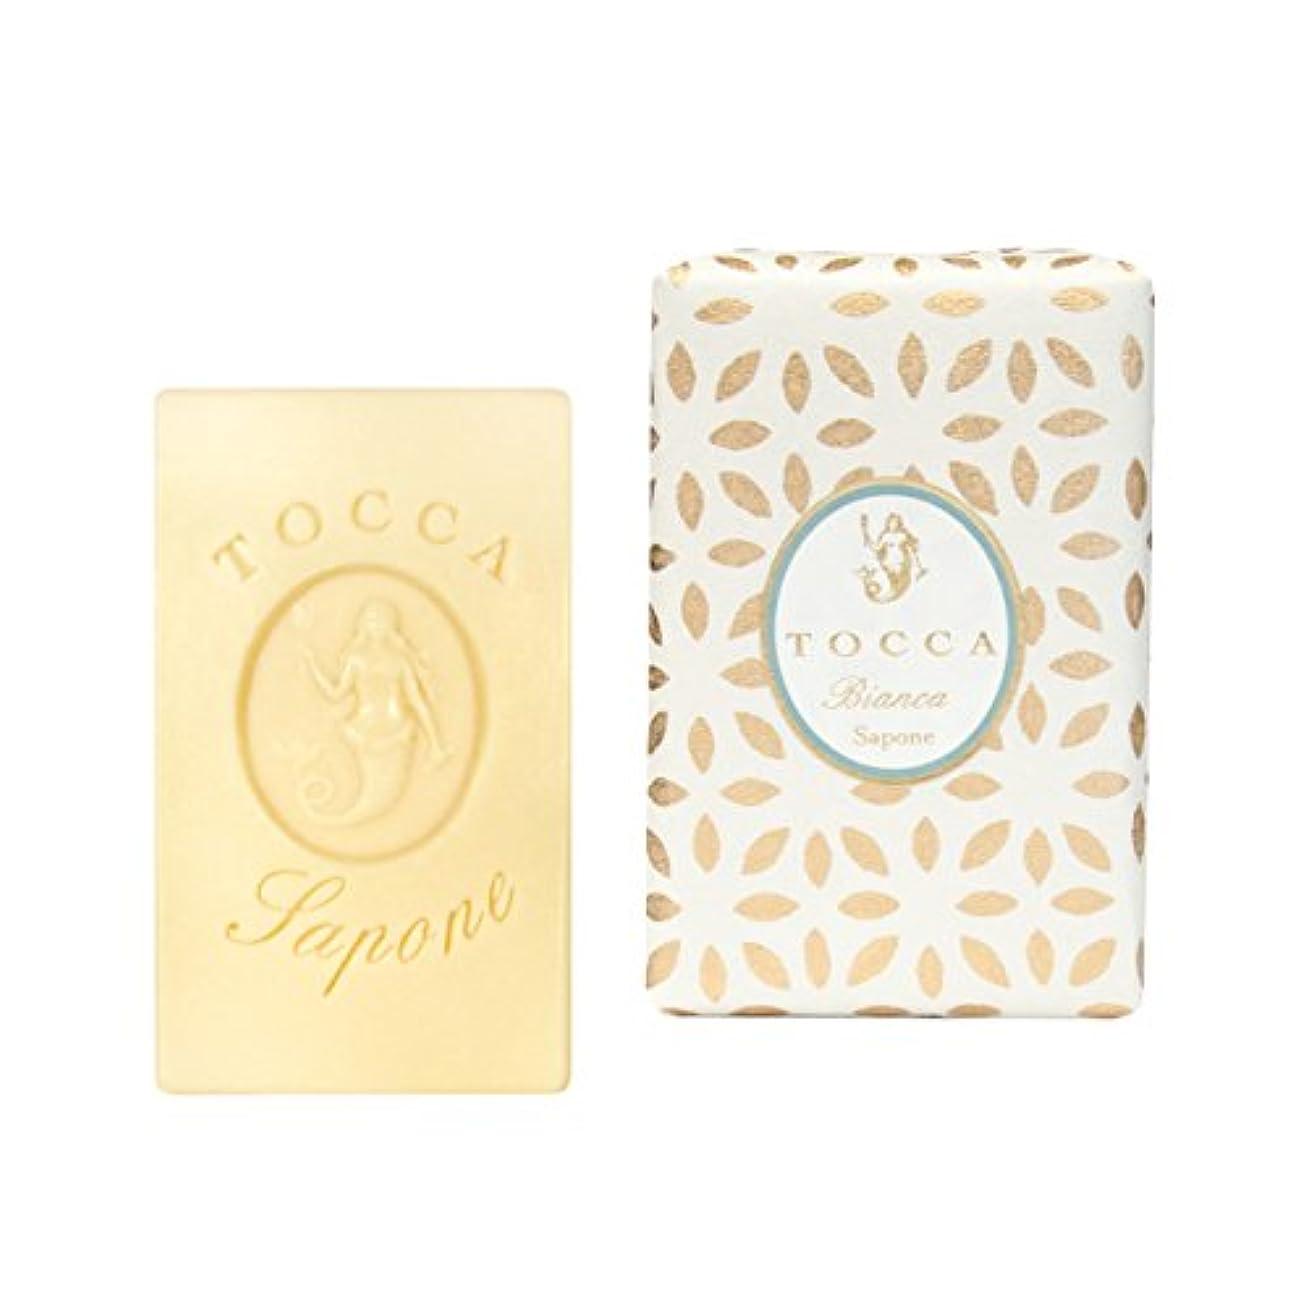 アリーナ電圧家禽トッカ(TOCCA) ソープバー ビアンカの香り 113g(化粧石けん シトラスとグリーンティー、ローズが絶妙に溶け合ったほのかに甘さ漂うフレッシュな香り)